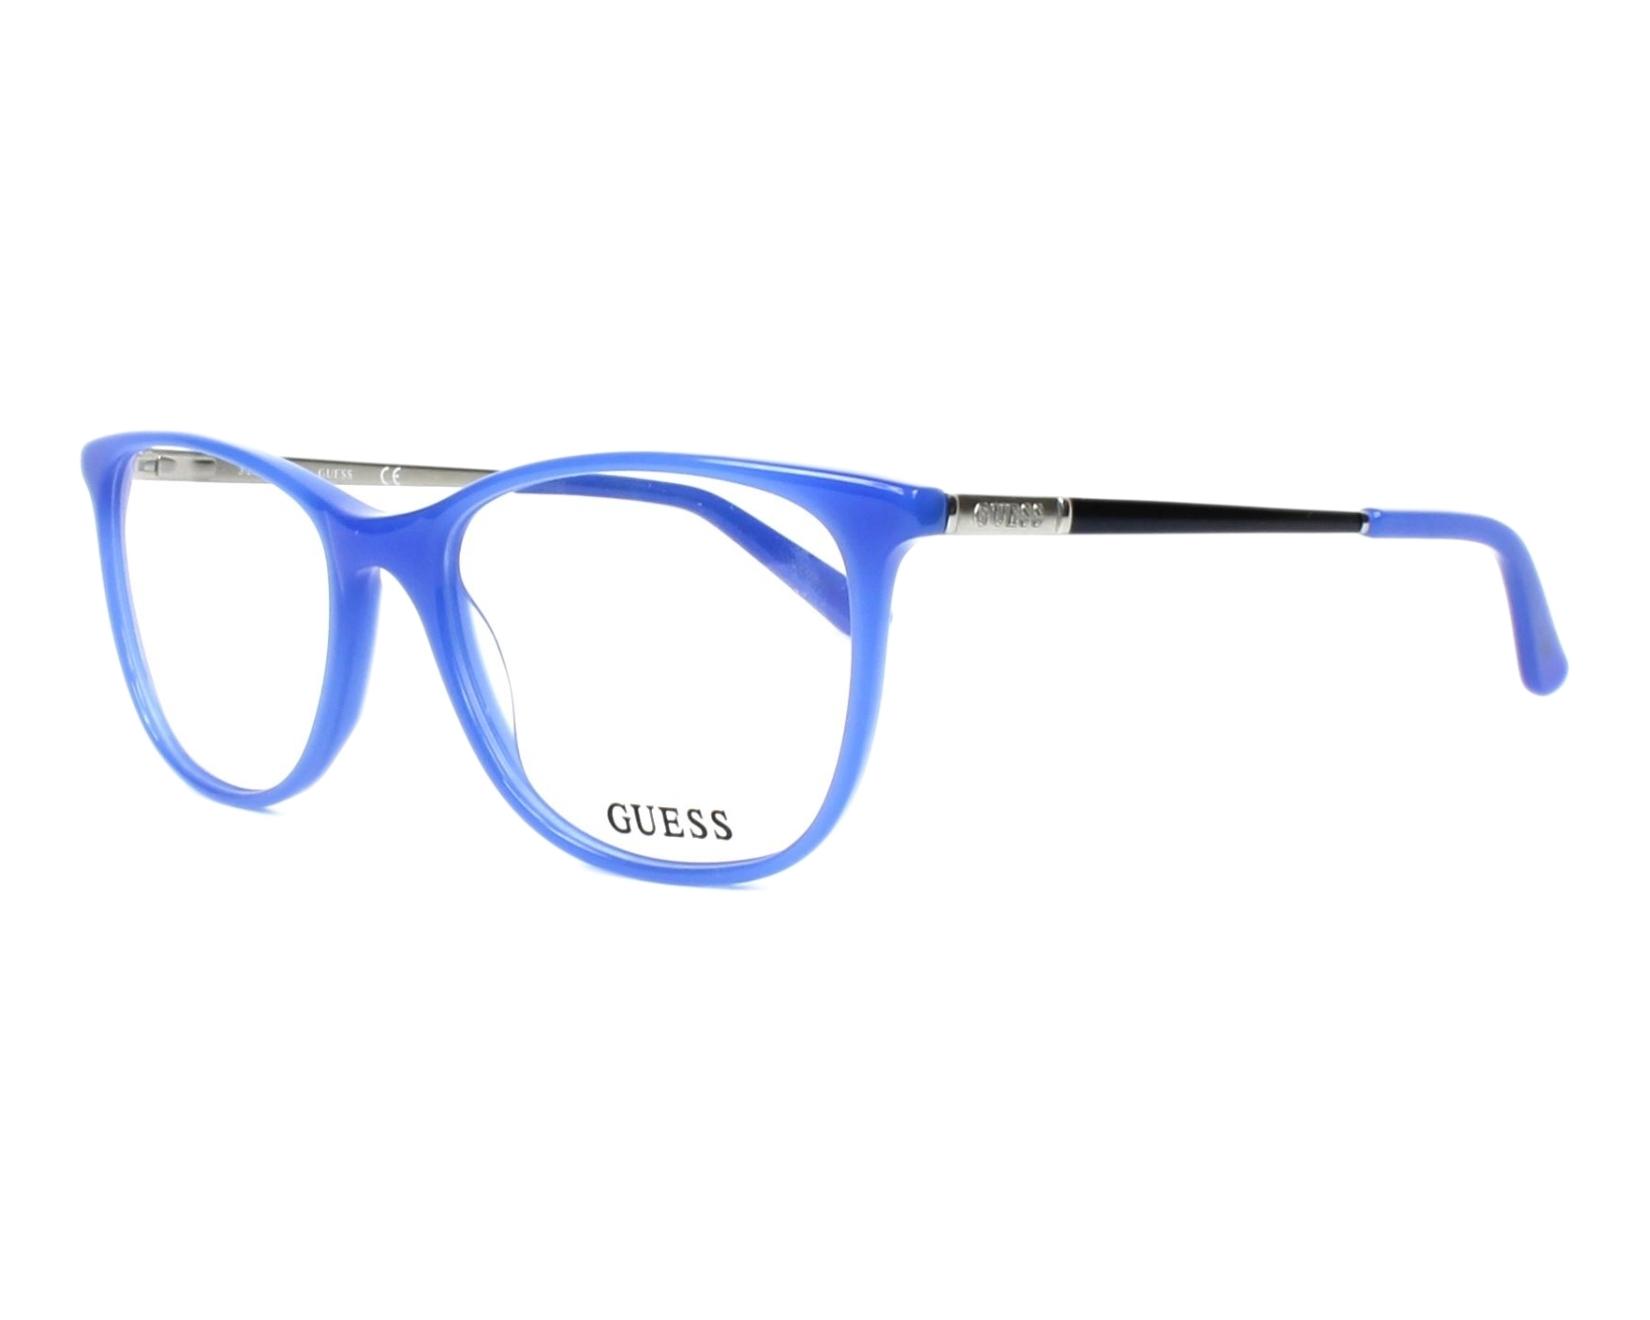 349c01baf1 Gafas Graduadas Guess GU-2566 084 49-17 Azul Plata vista de perfil